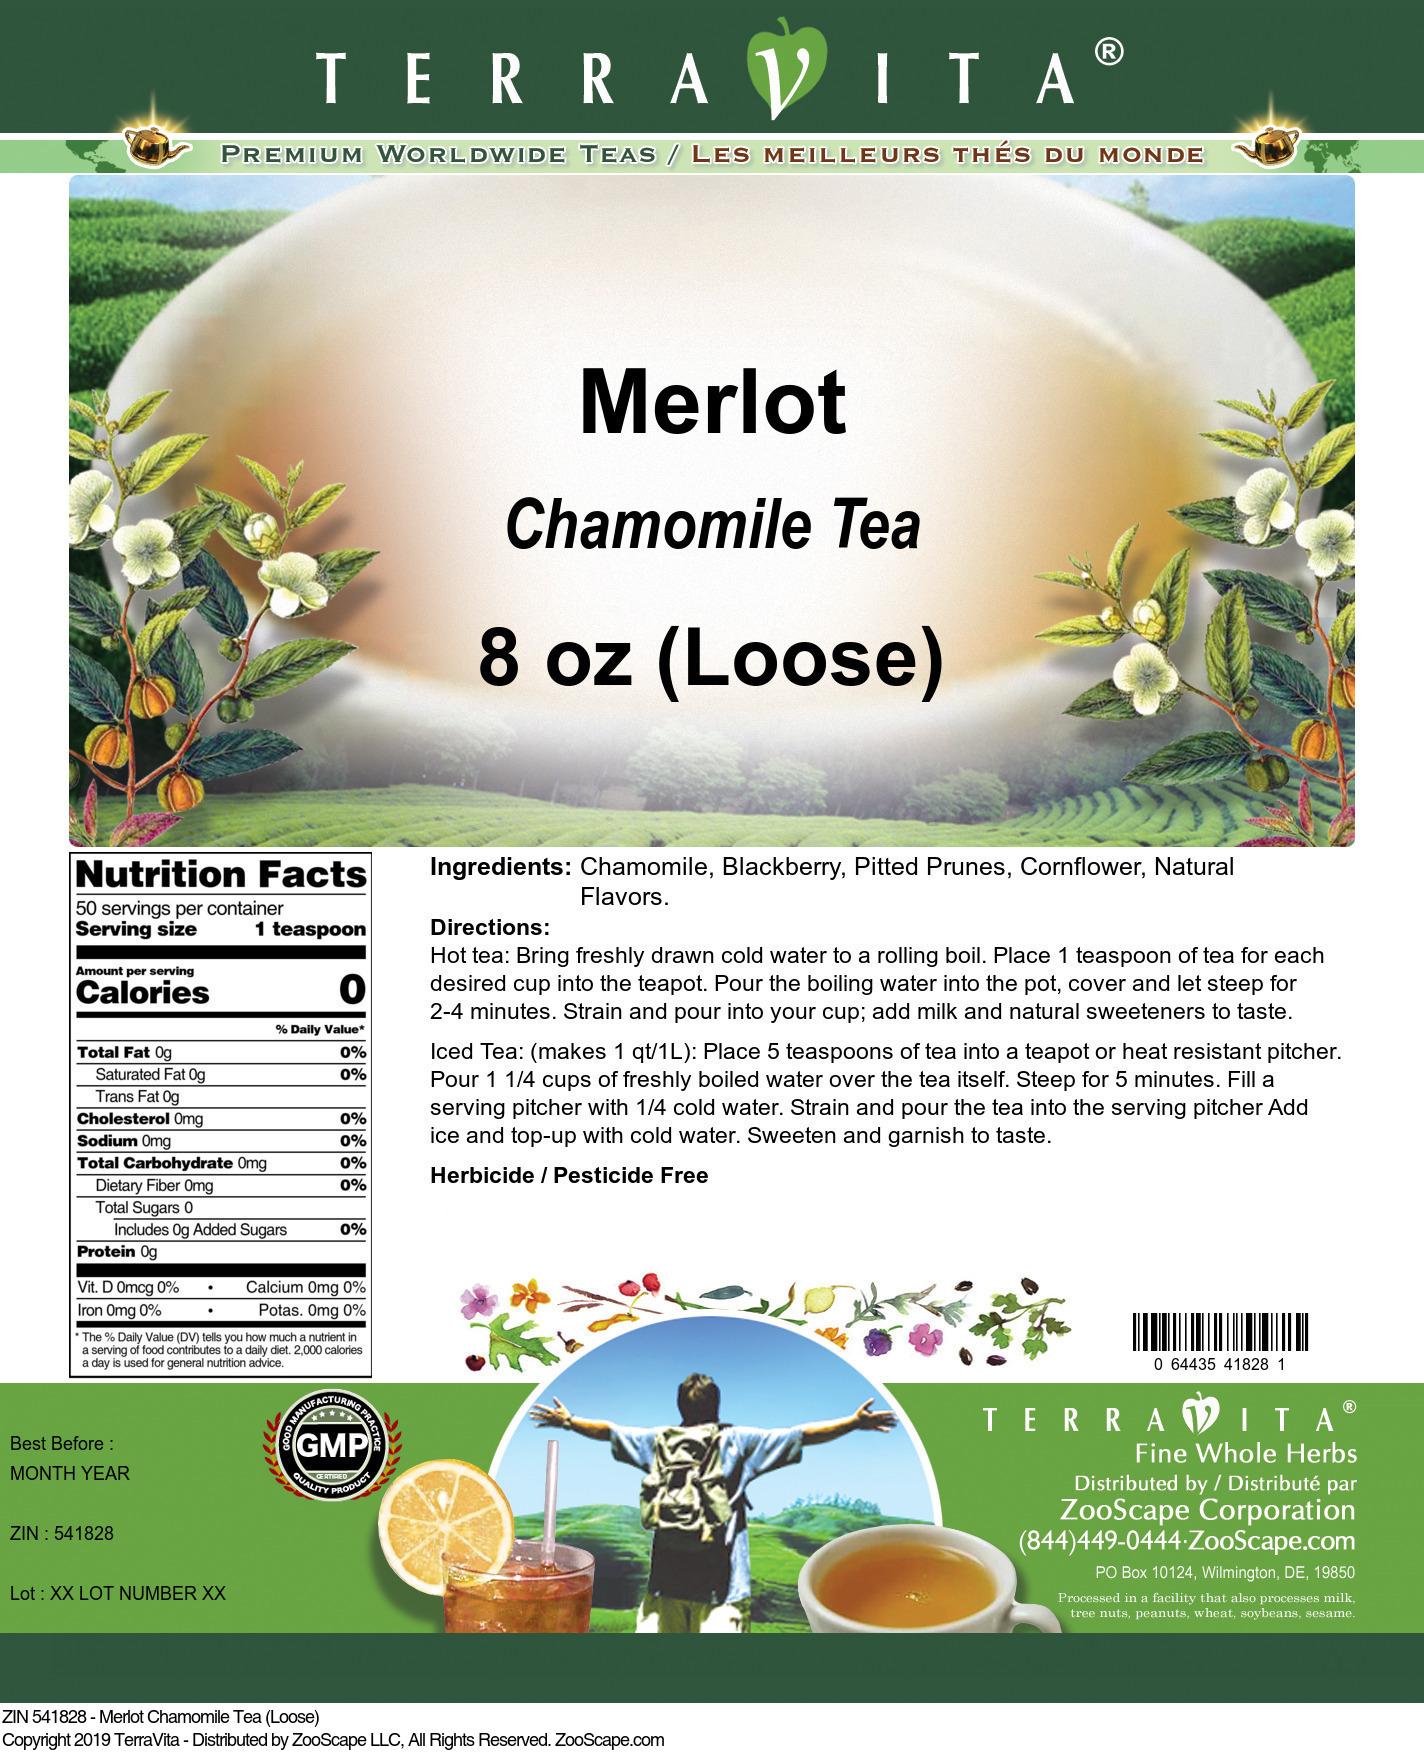 Merlot Chamomile Tea (Loose)